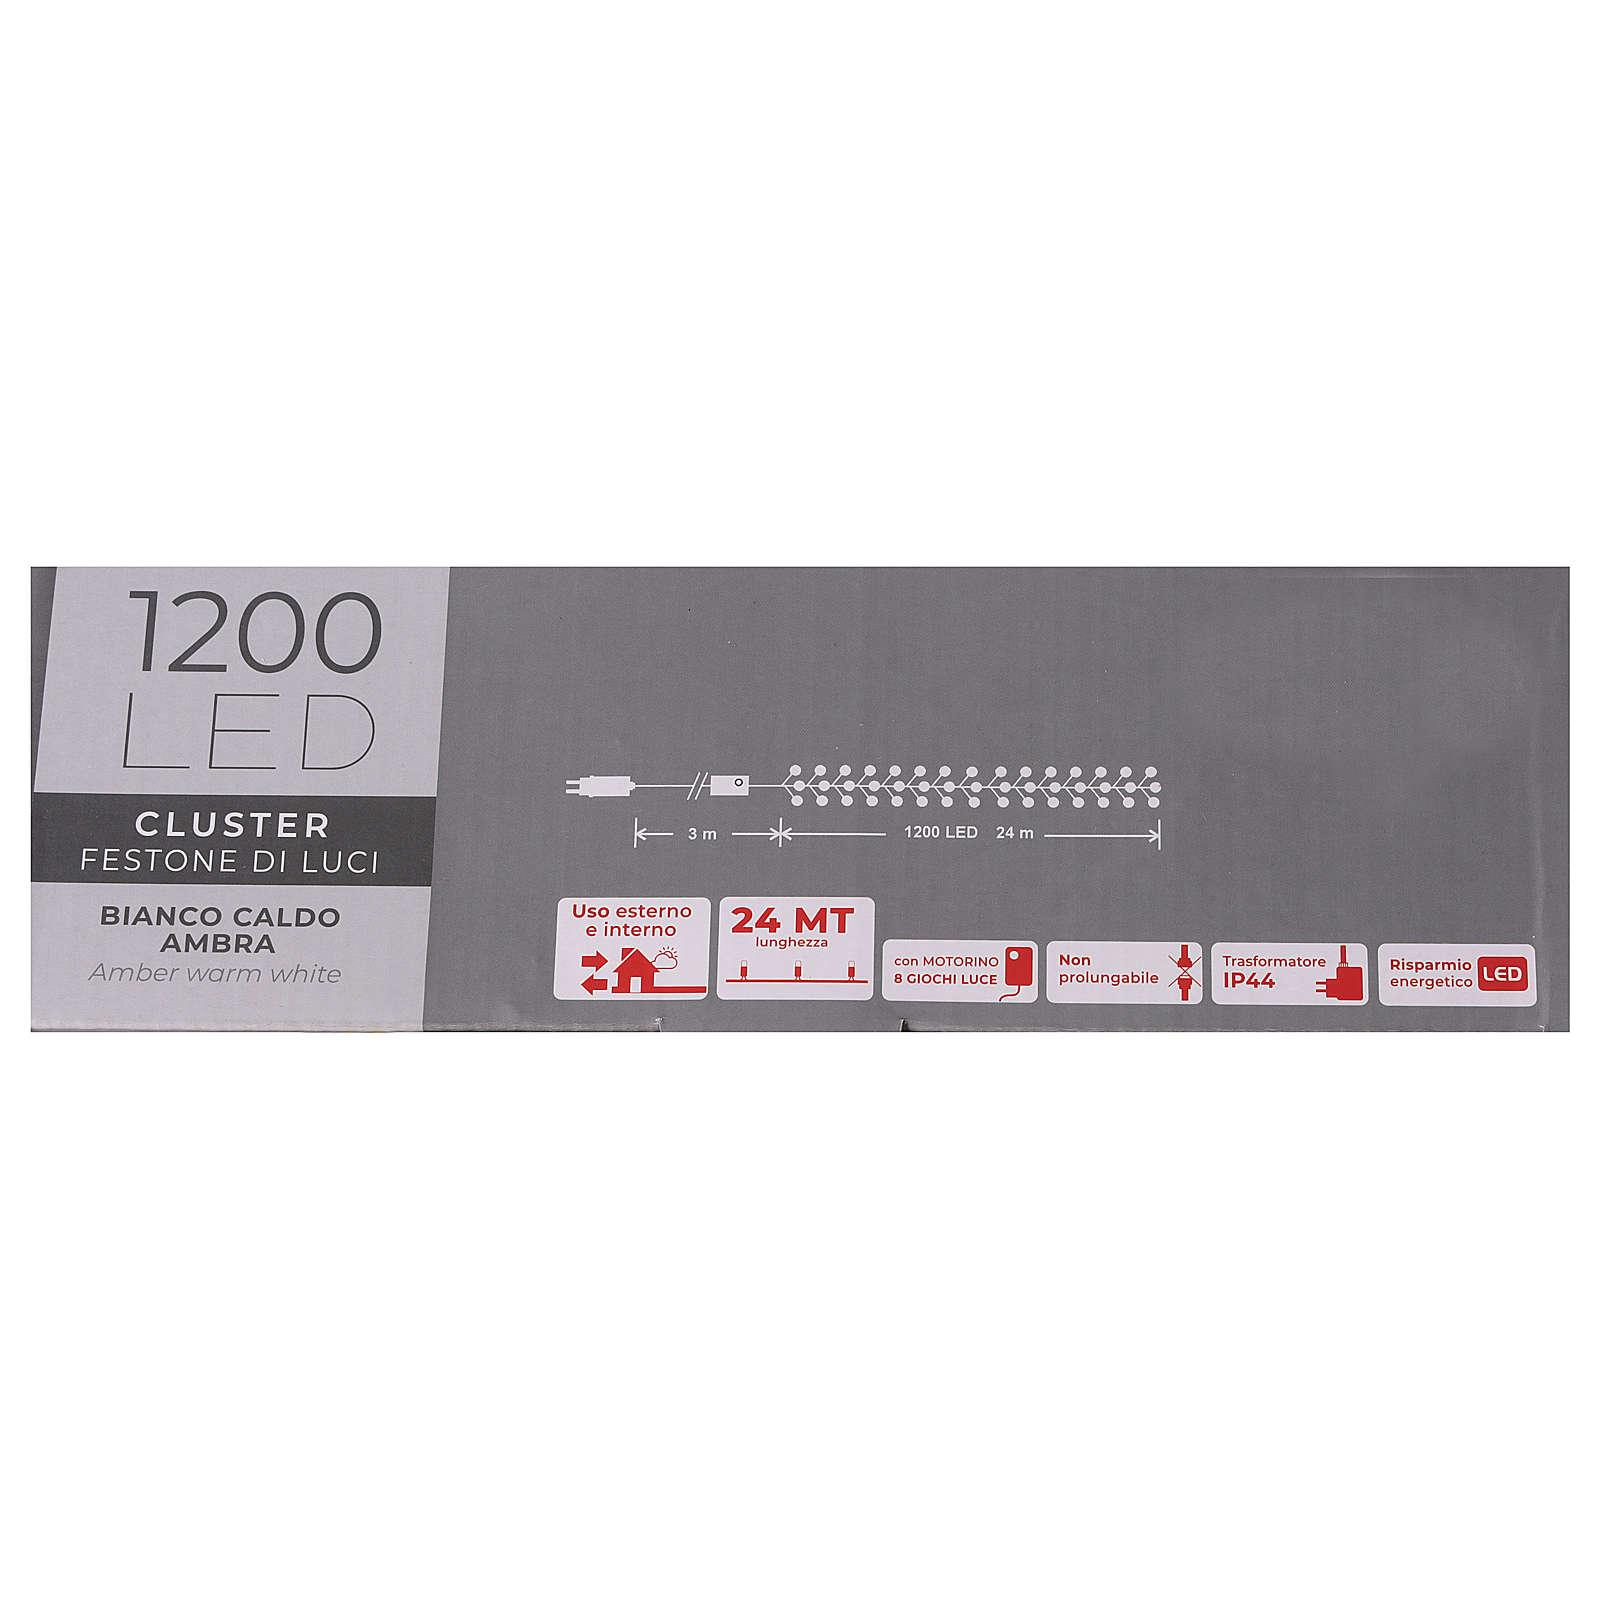 Cadena luminosa 1200 blanco cálido ambarino exterior 220V 3